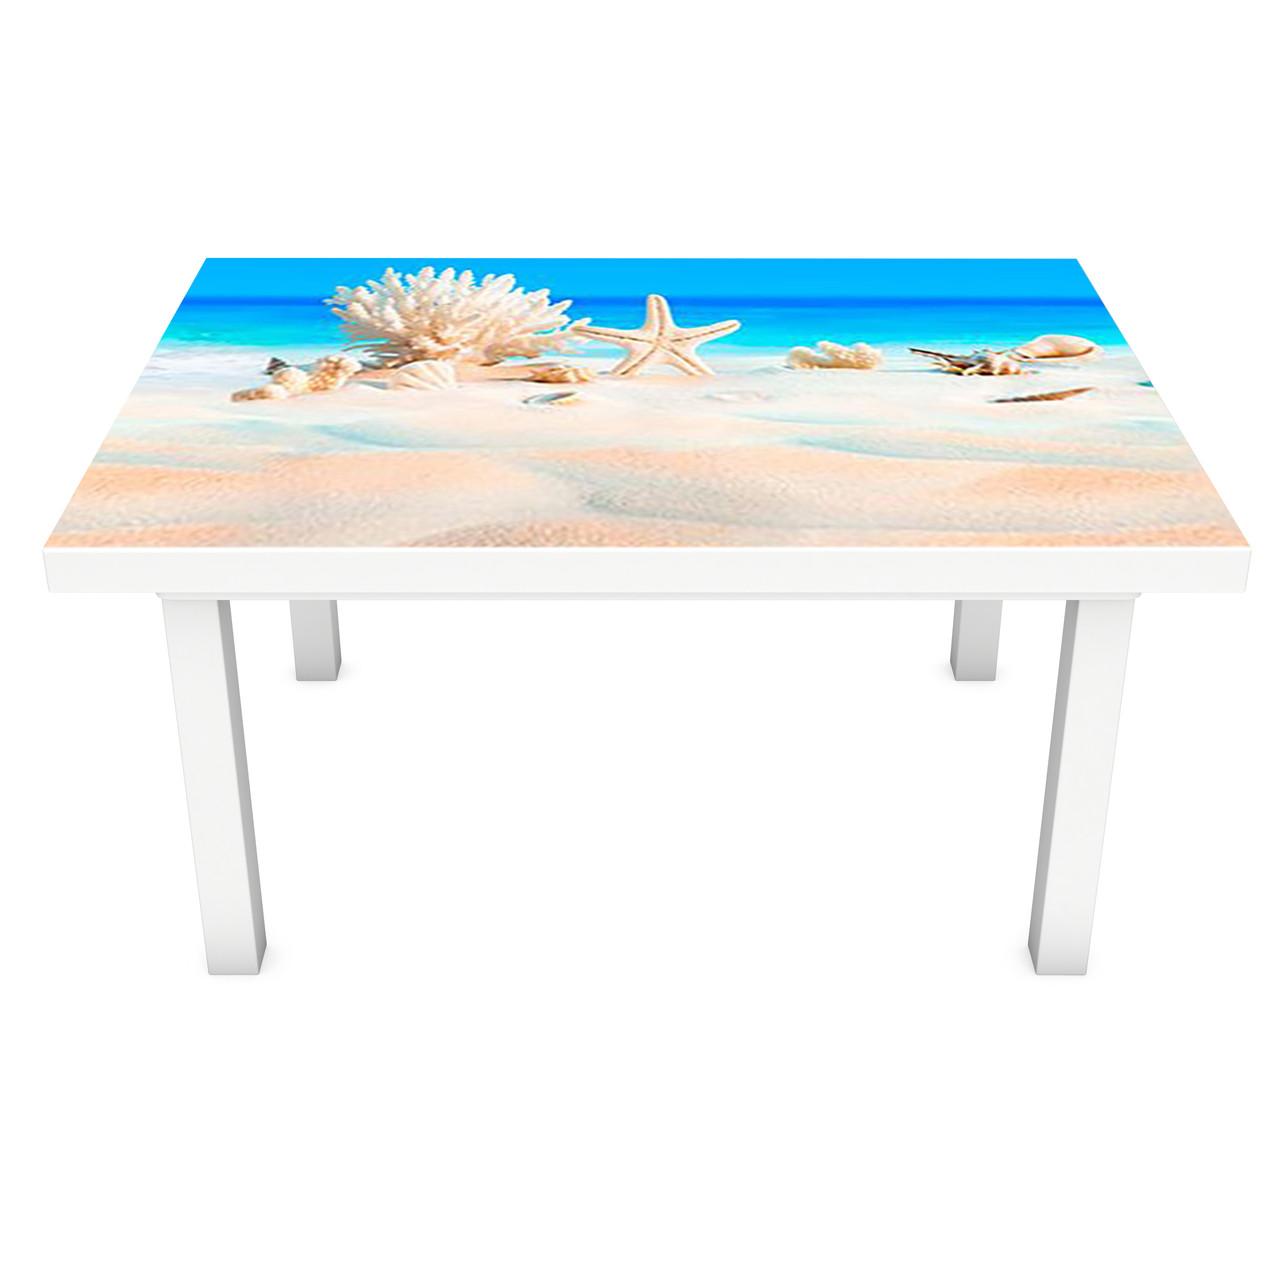 Наклейка на стол Ракушки на песке (3Д виниловая пленка ПВХ) пляж Море Голубой 600*1200 мм